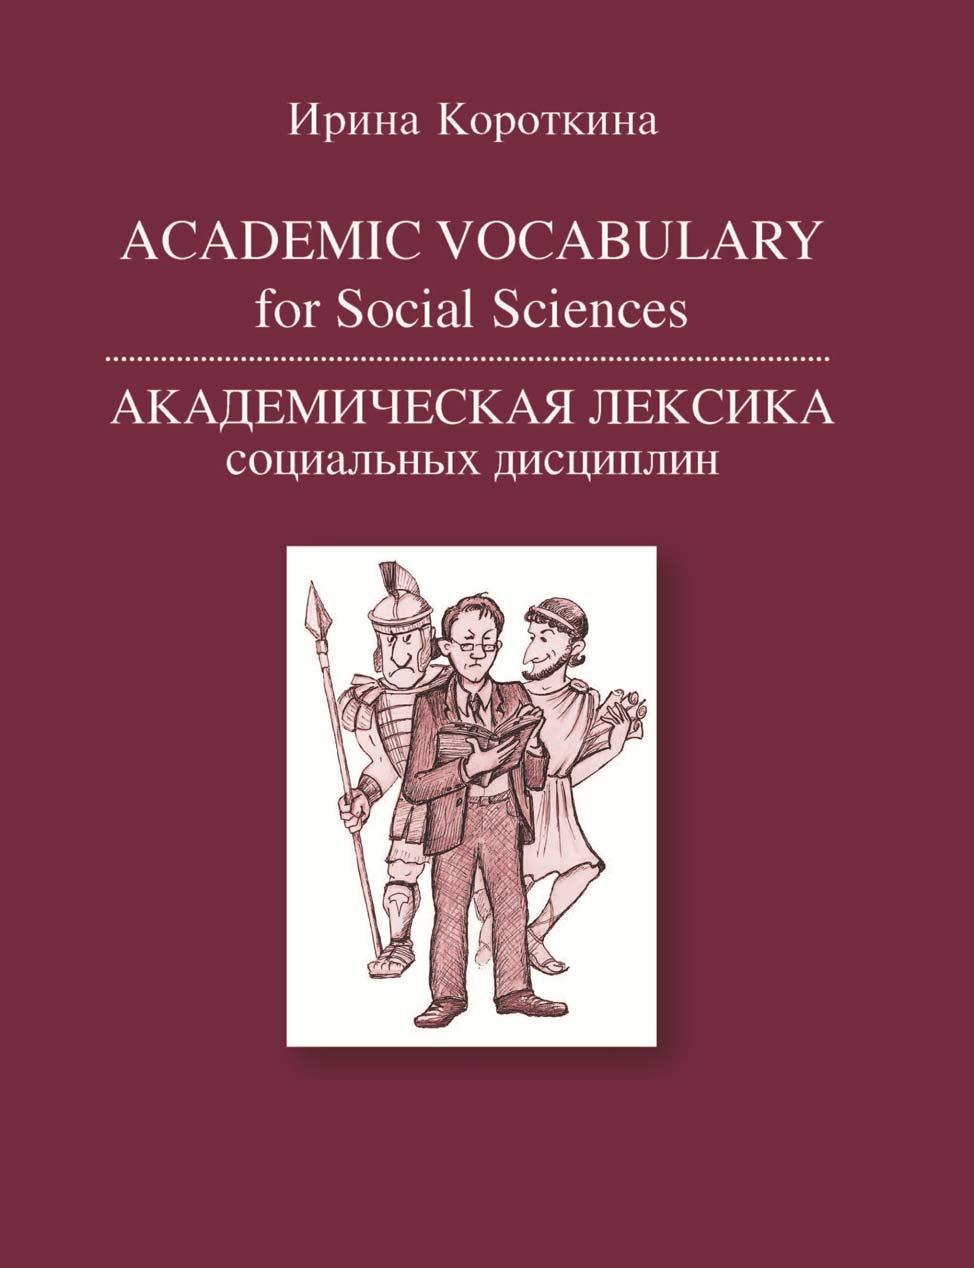 И. Б. Короткина Academic Vocabulary for Social Sciences / Академическая лексика социальных дисциплин fortec catalog